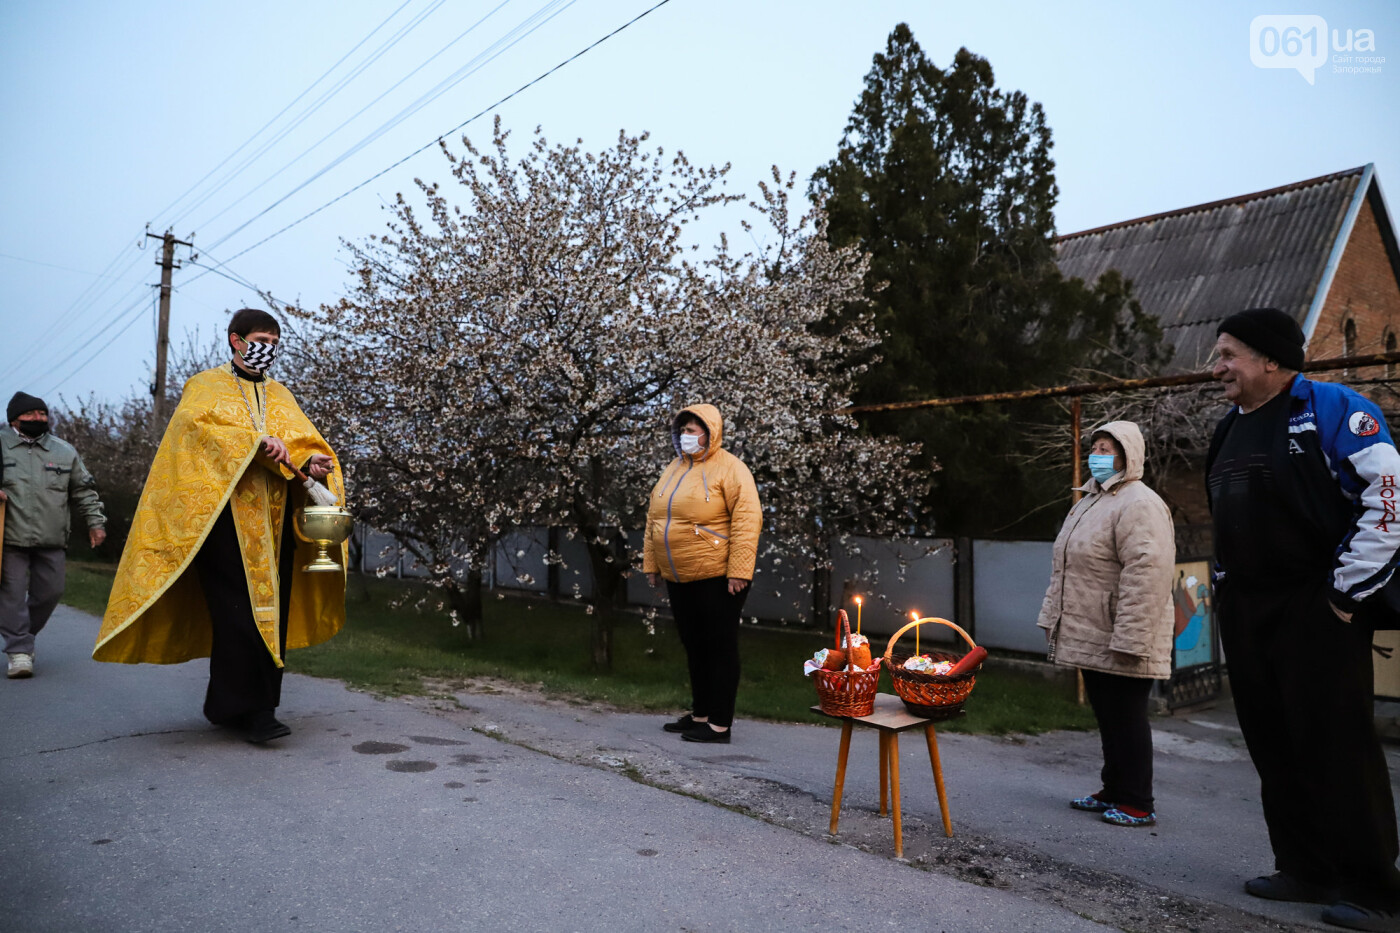 Освящение пасок у дворов на сельских улицах и полицейские возле храмов вместо прихожан: как празднуют Пасху в Запорожье, - ФОТОРЕПОРТАЖ, фото-11